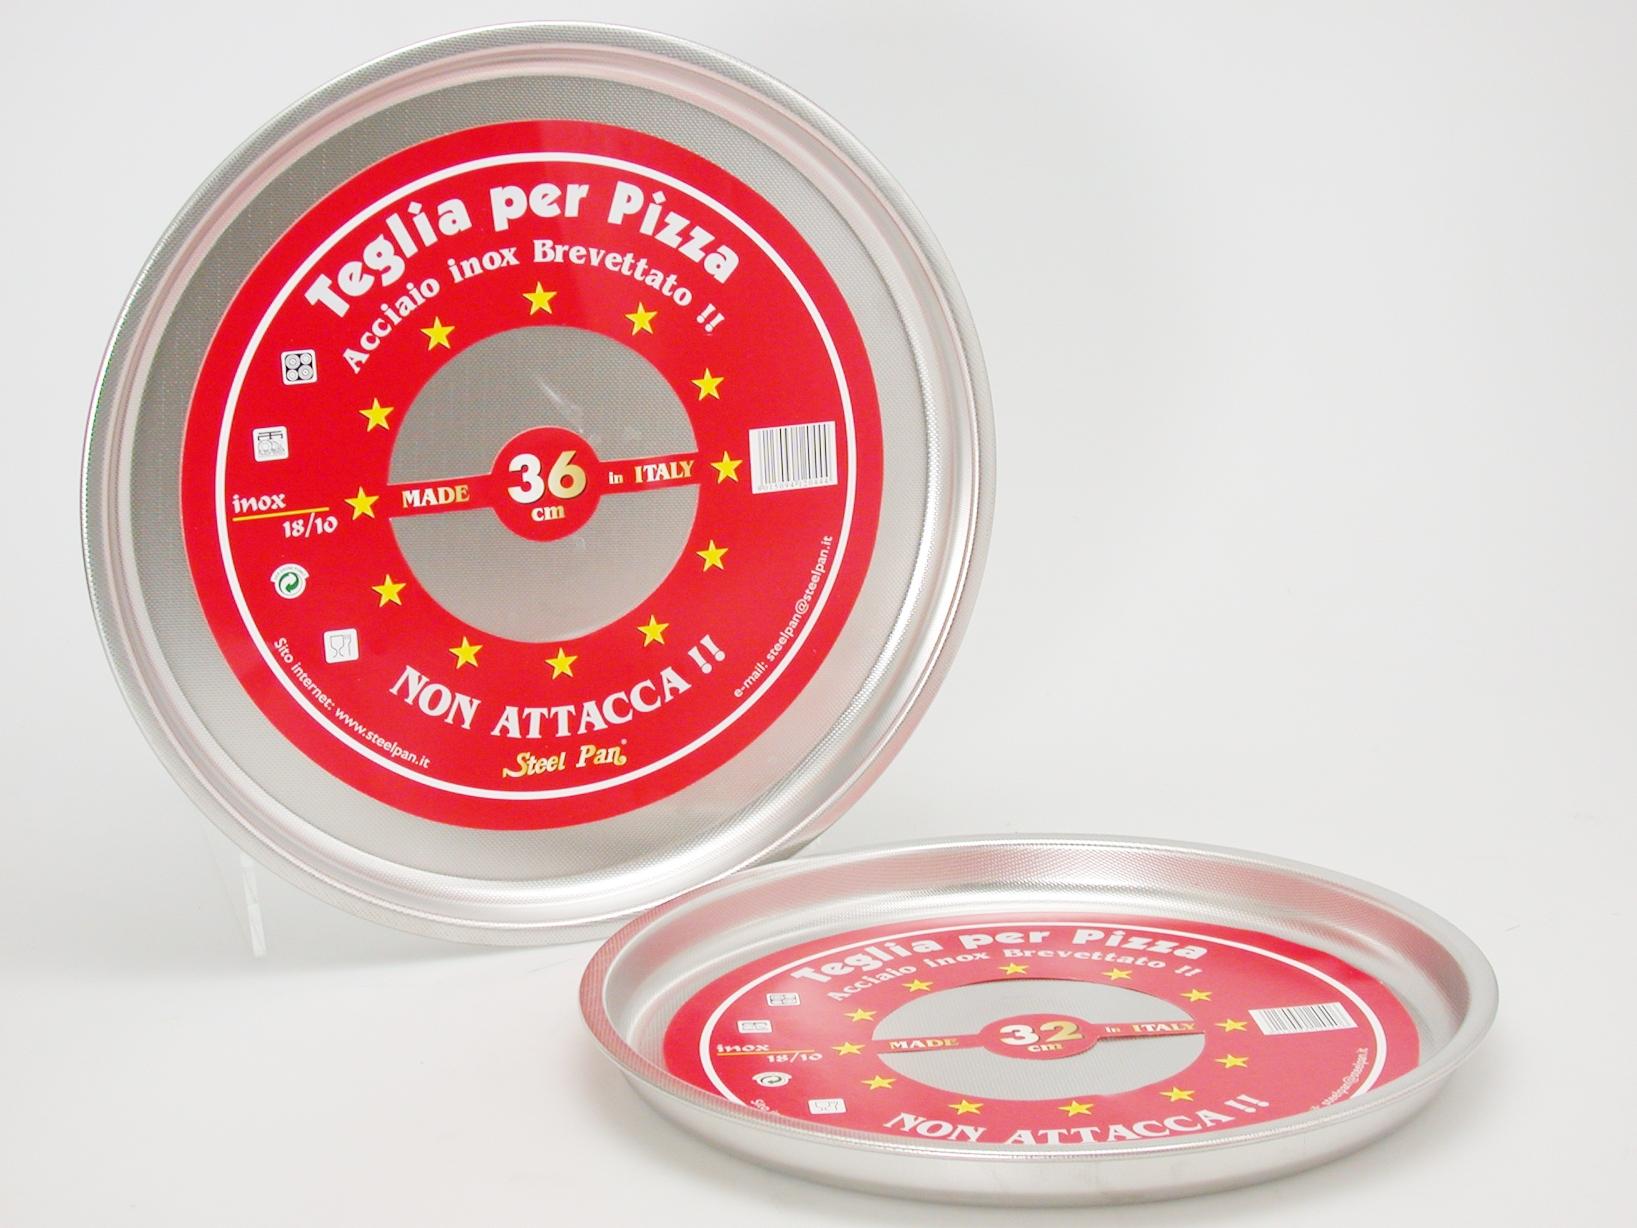 Acquista Teglia Pizza Tondo Nonstick 28 17514021 | Glooke.com